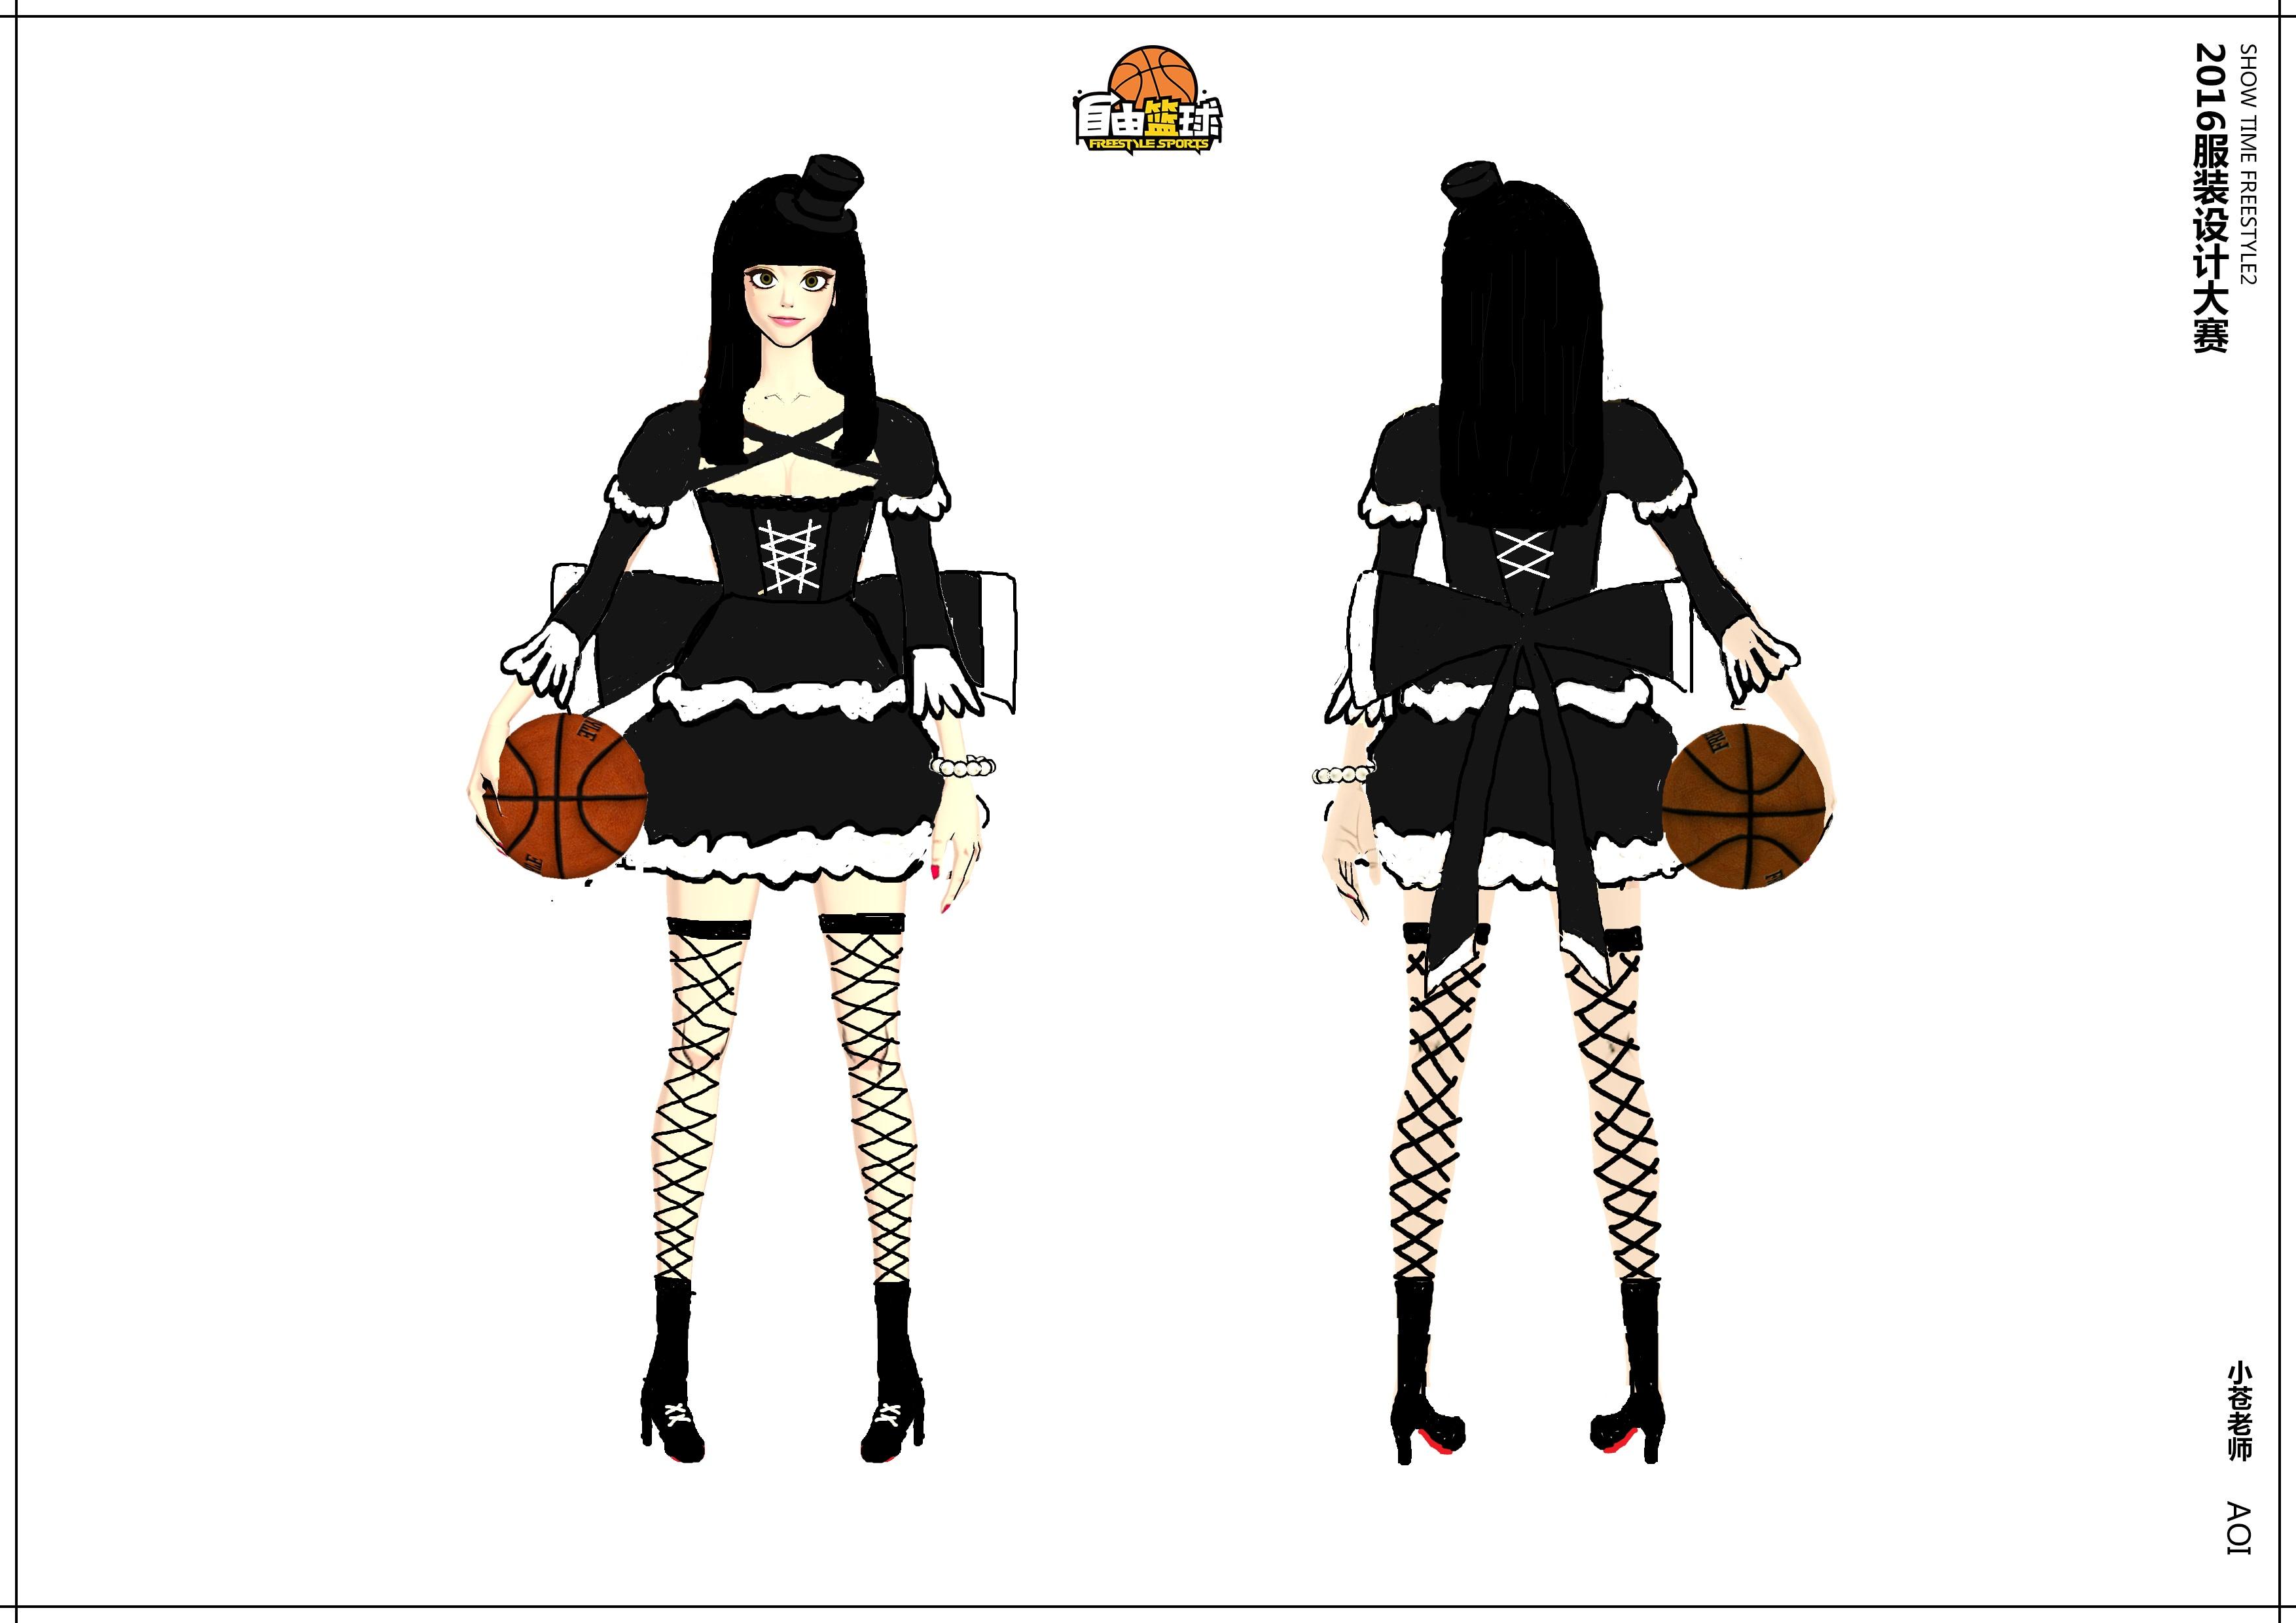 服装设计大赛-自由篮球图片